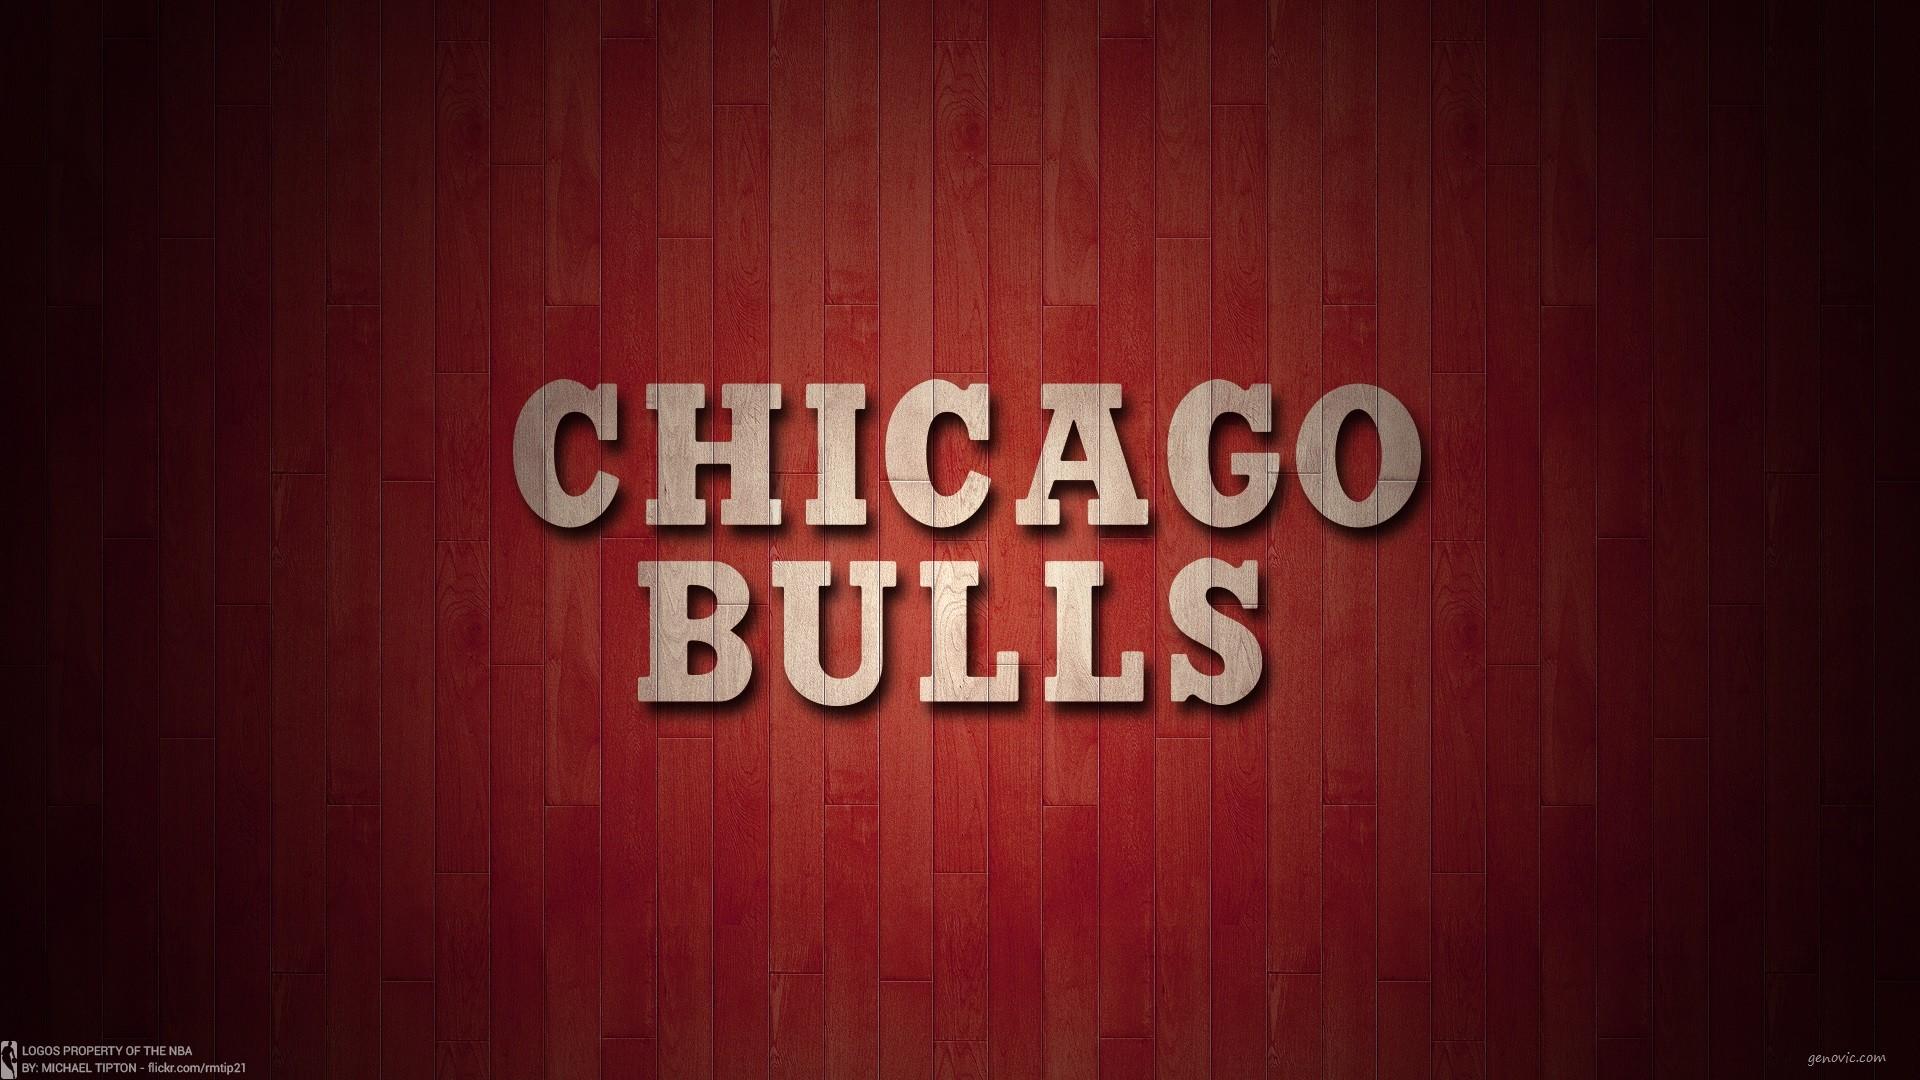 wallpaper images chicago bulls, (91 kB) | ololoshenka | Pinterest  | Chicago bulls and Chicago